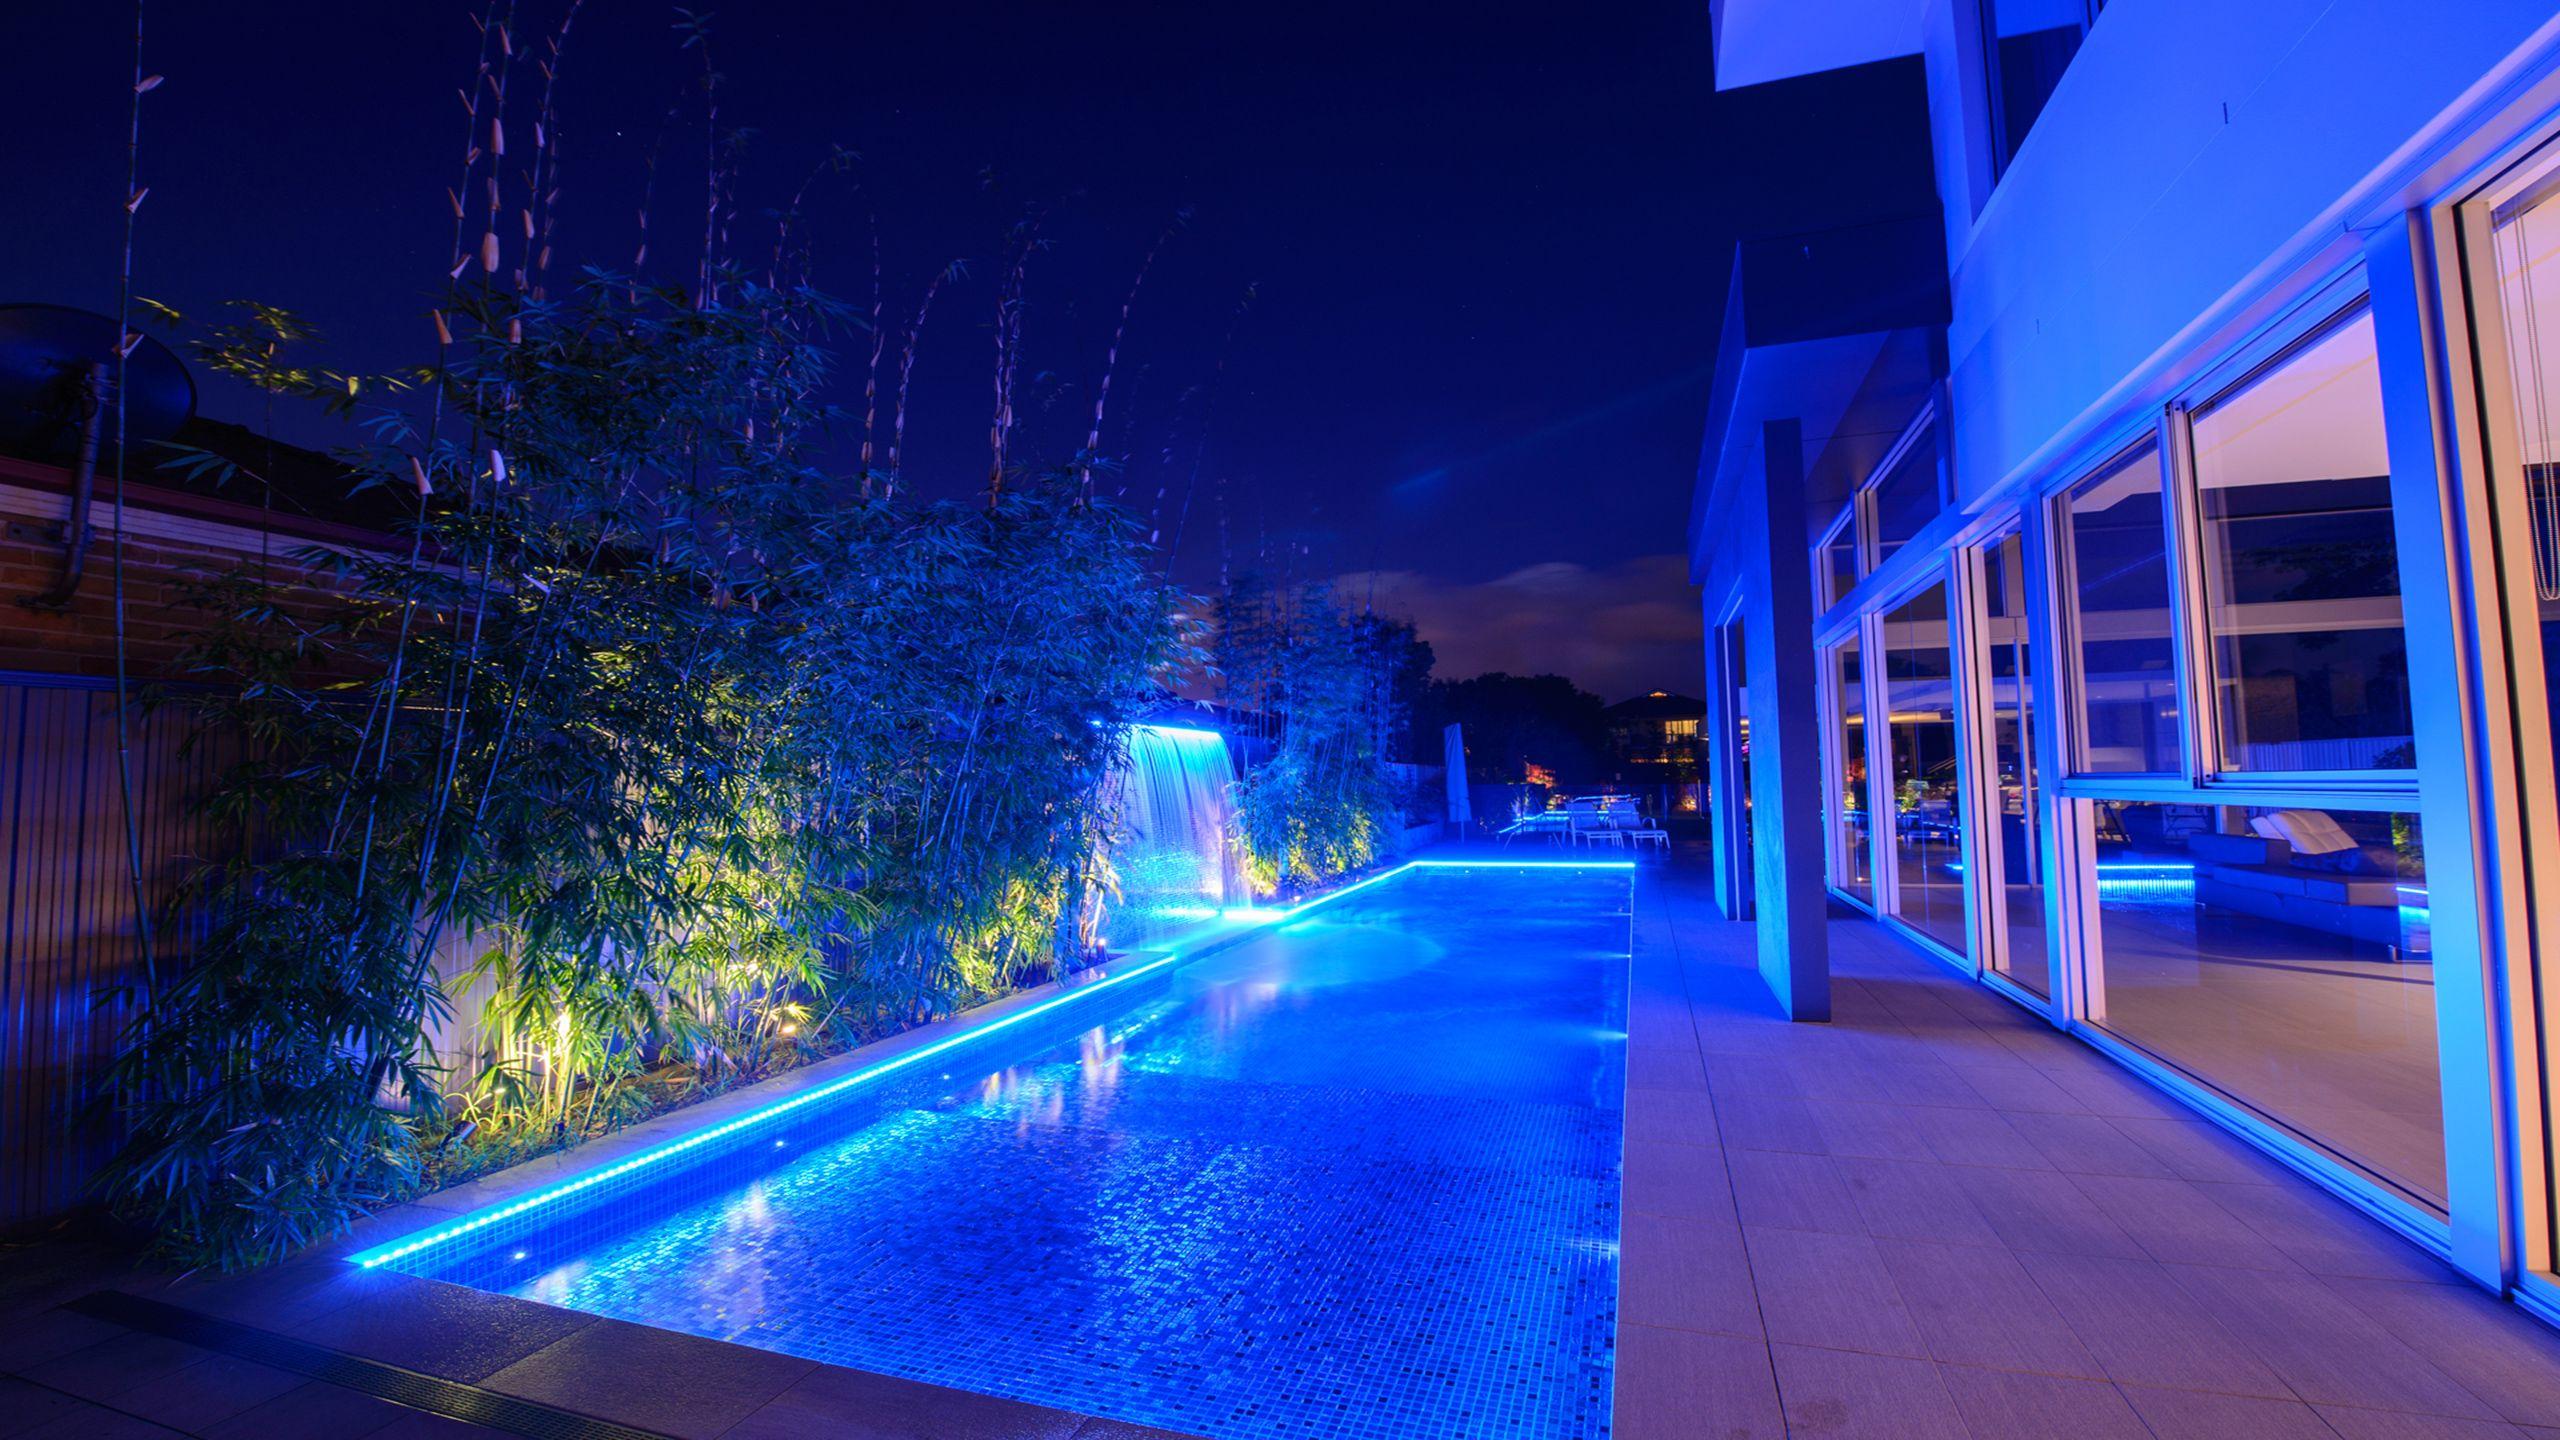 Eclairage Led Autour Piscine led perimeter strip lighting | piscine